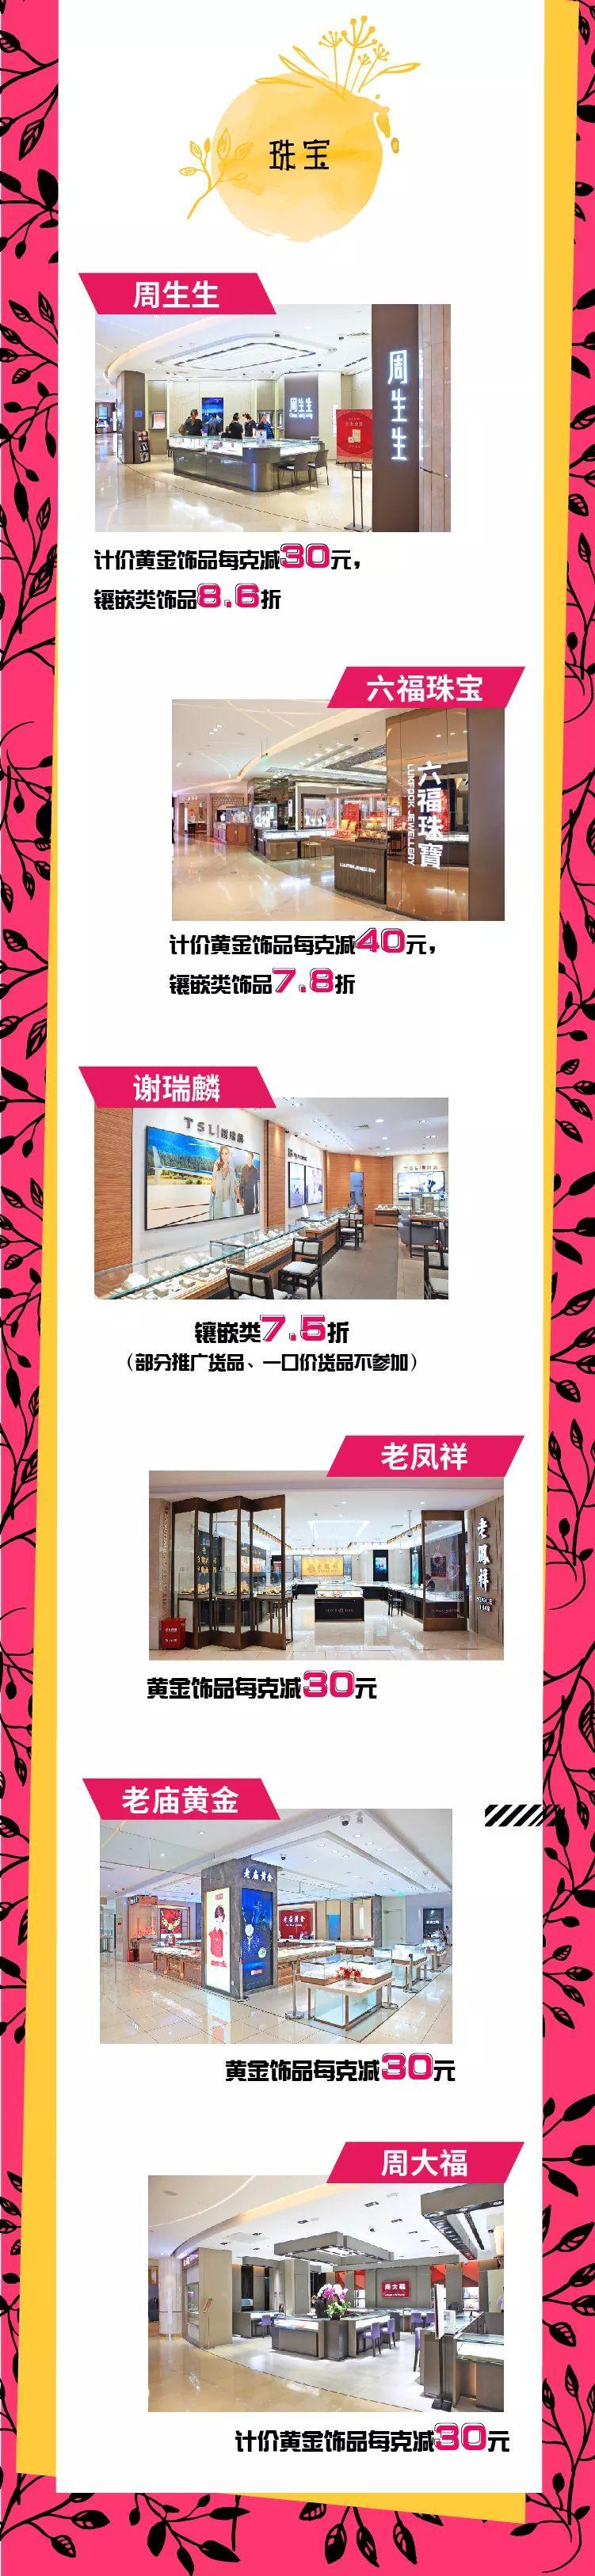 上海第一八佰伴双11购物节  化妆品8折起